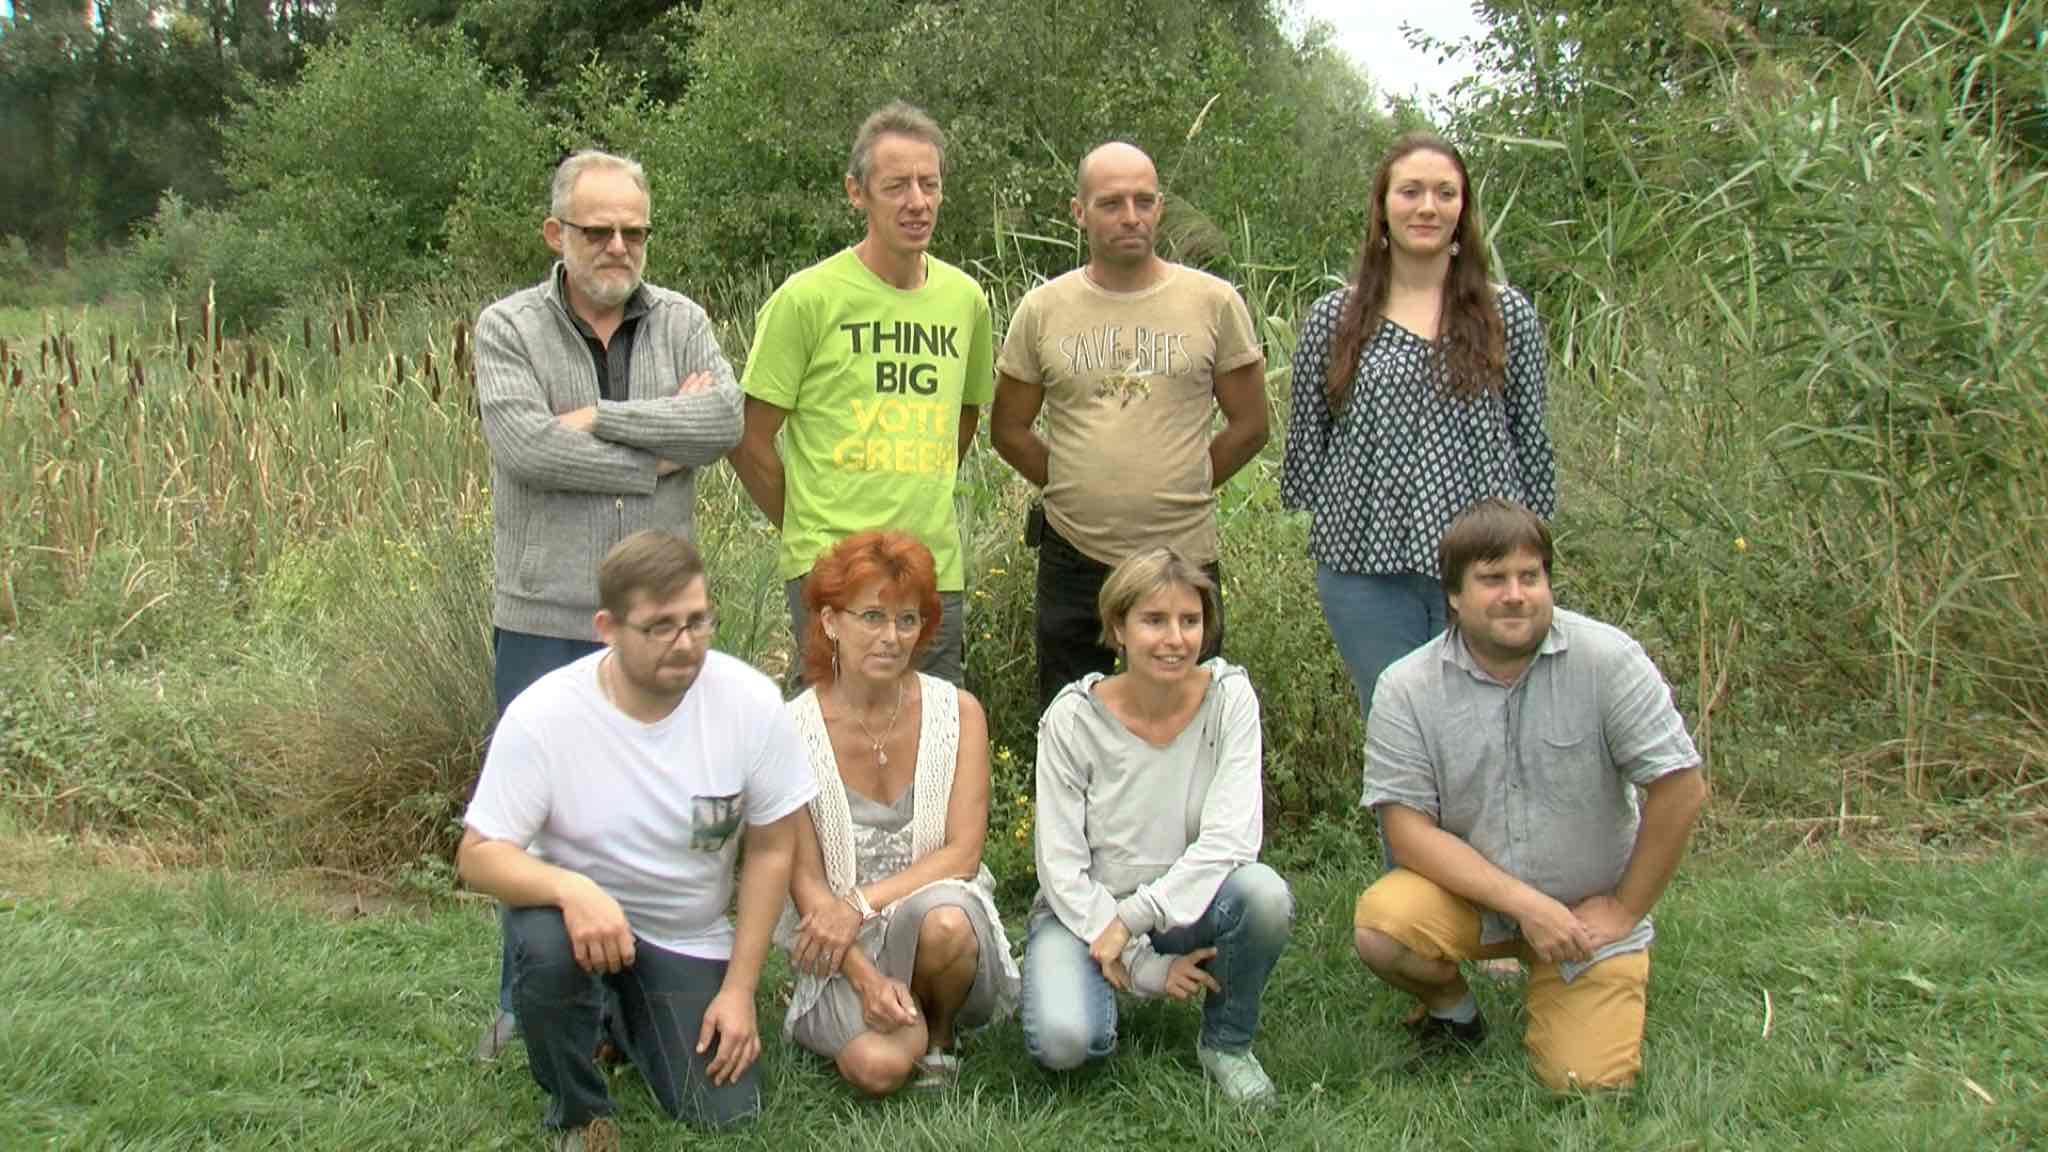 Les Ecologistes de chièvres veulent poursuivre le changement initié depuis 6 ans